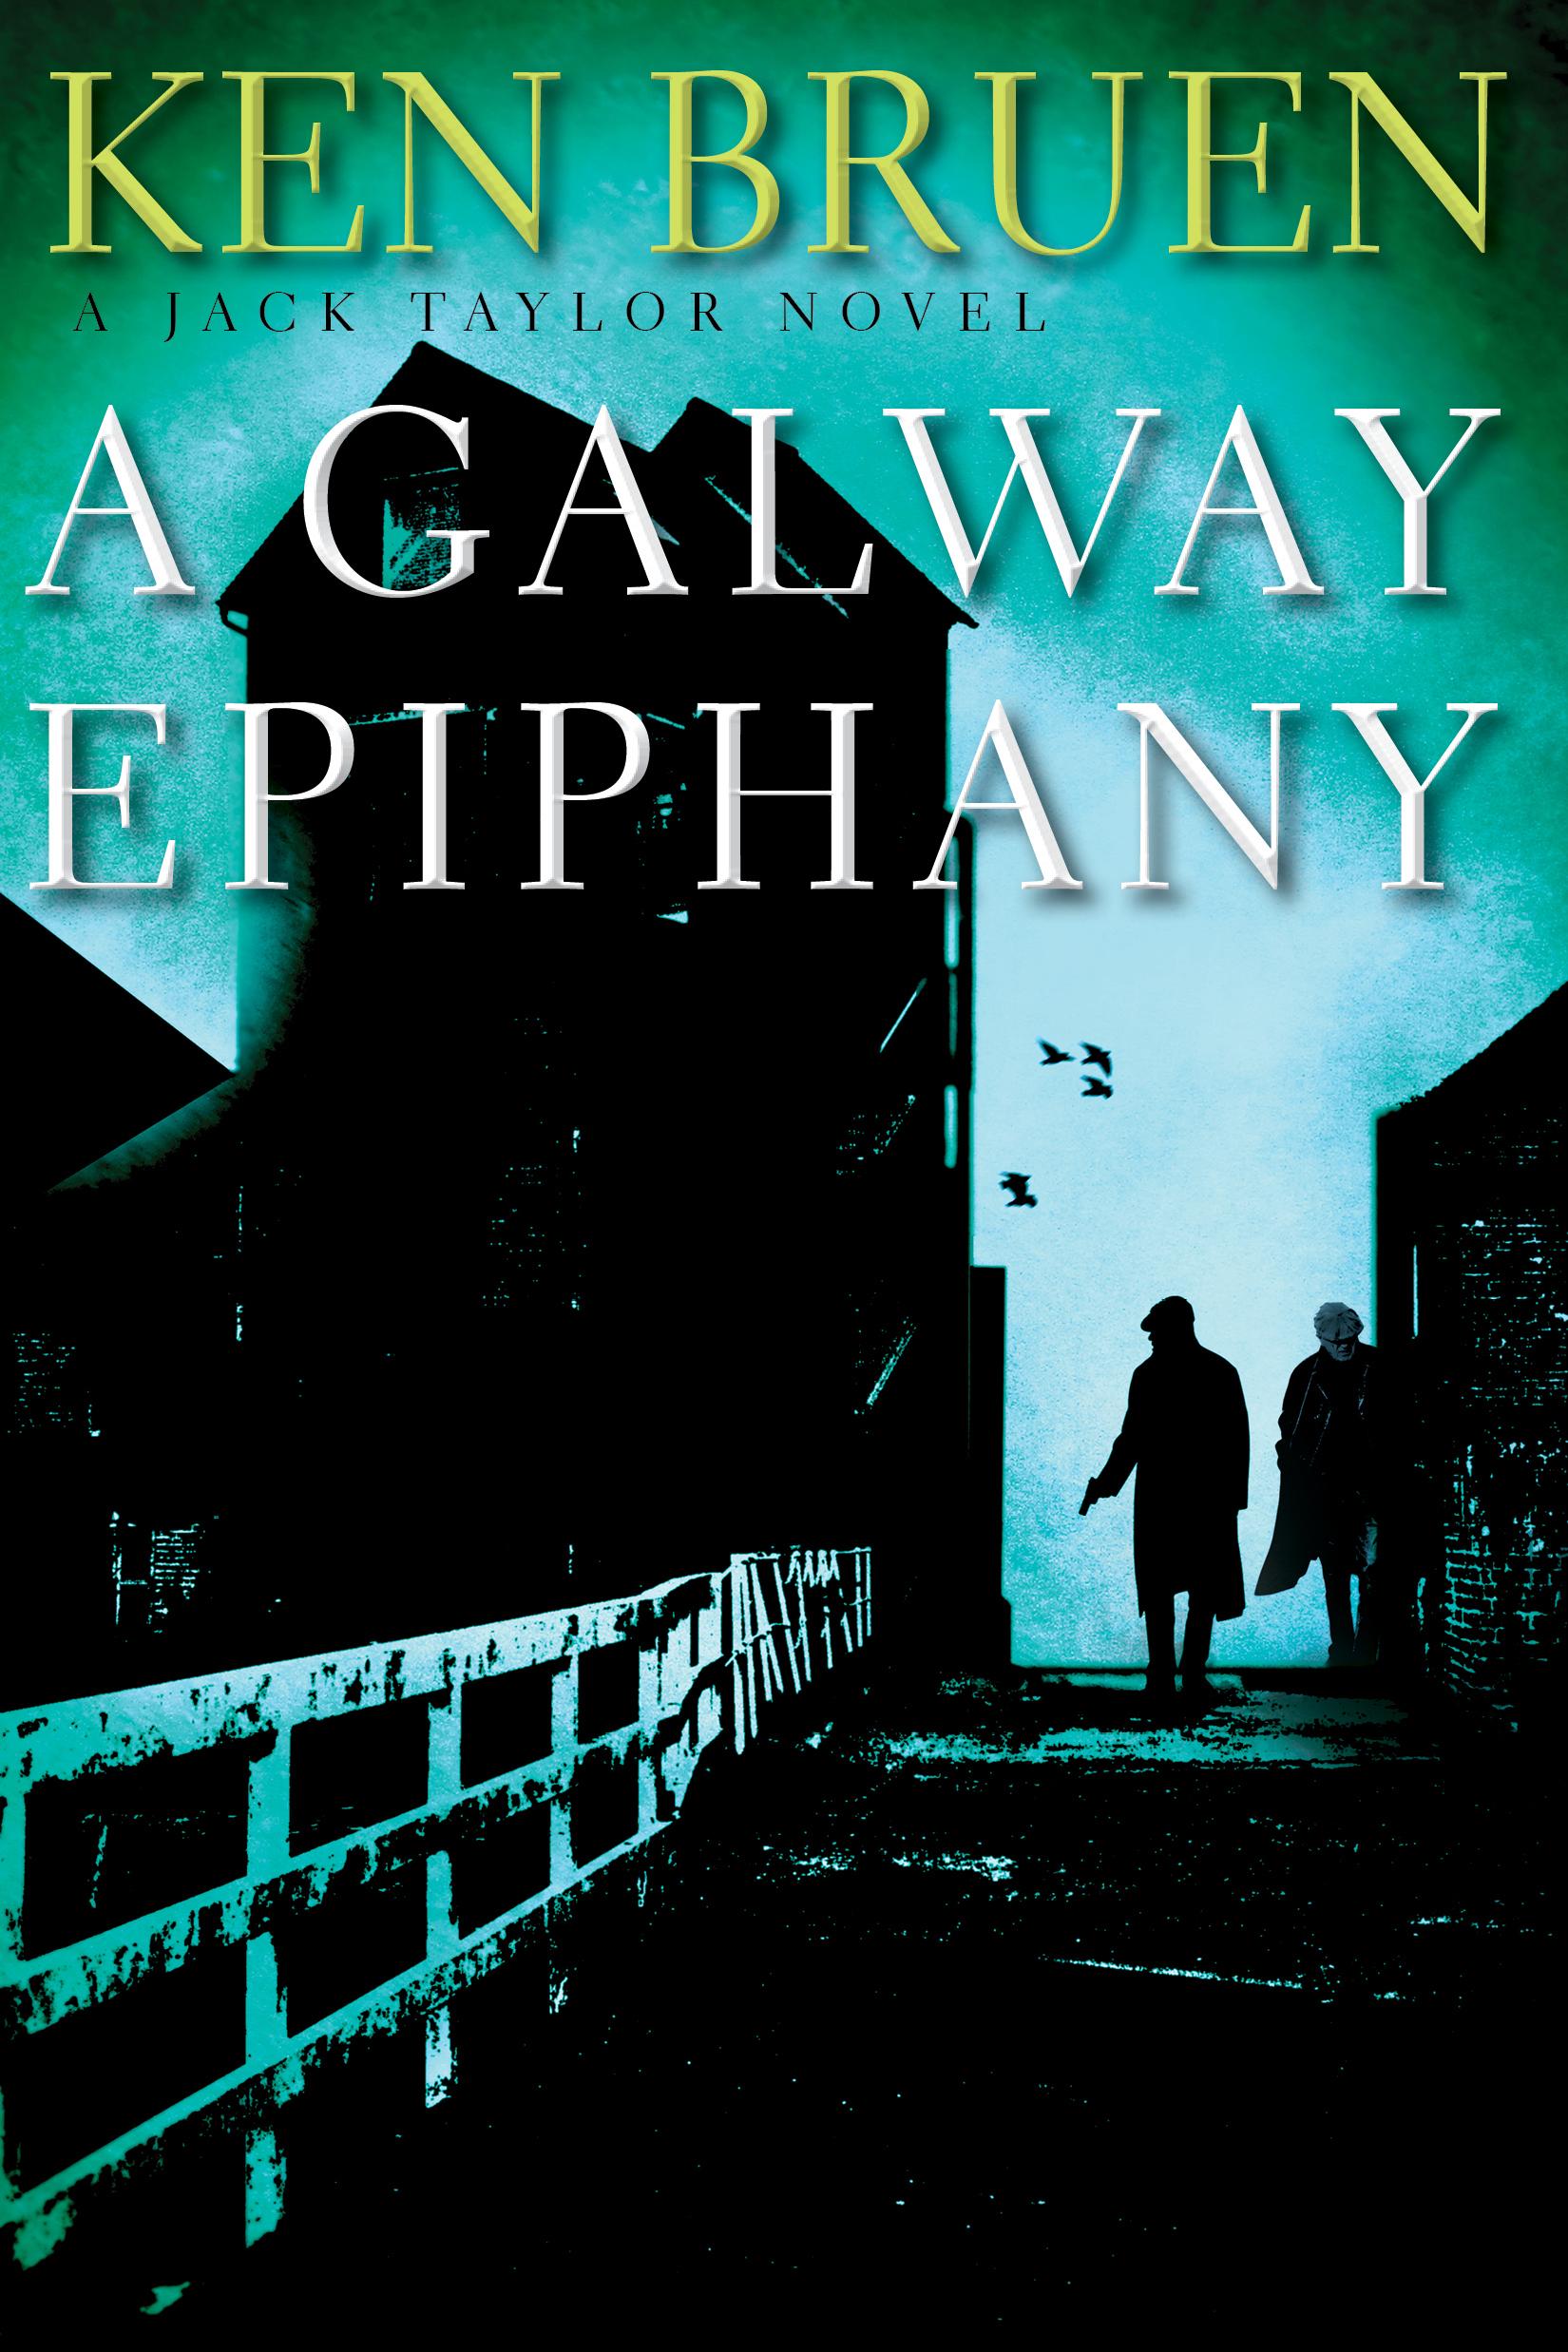 A Galway Epiphany – A Jack Taylor Novel | Ken Bruen | Charlie Byrne's